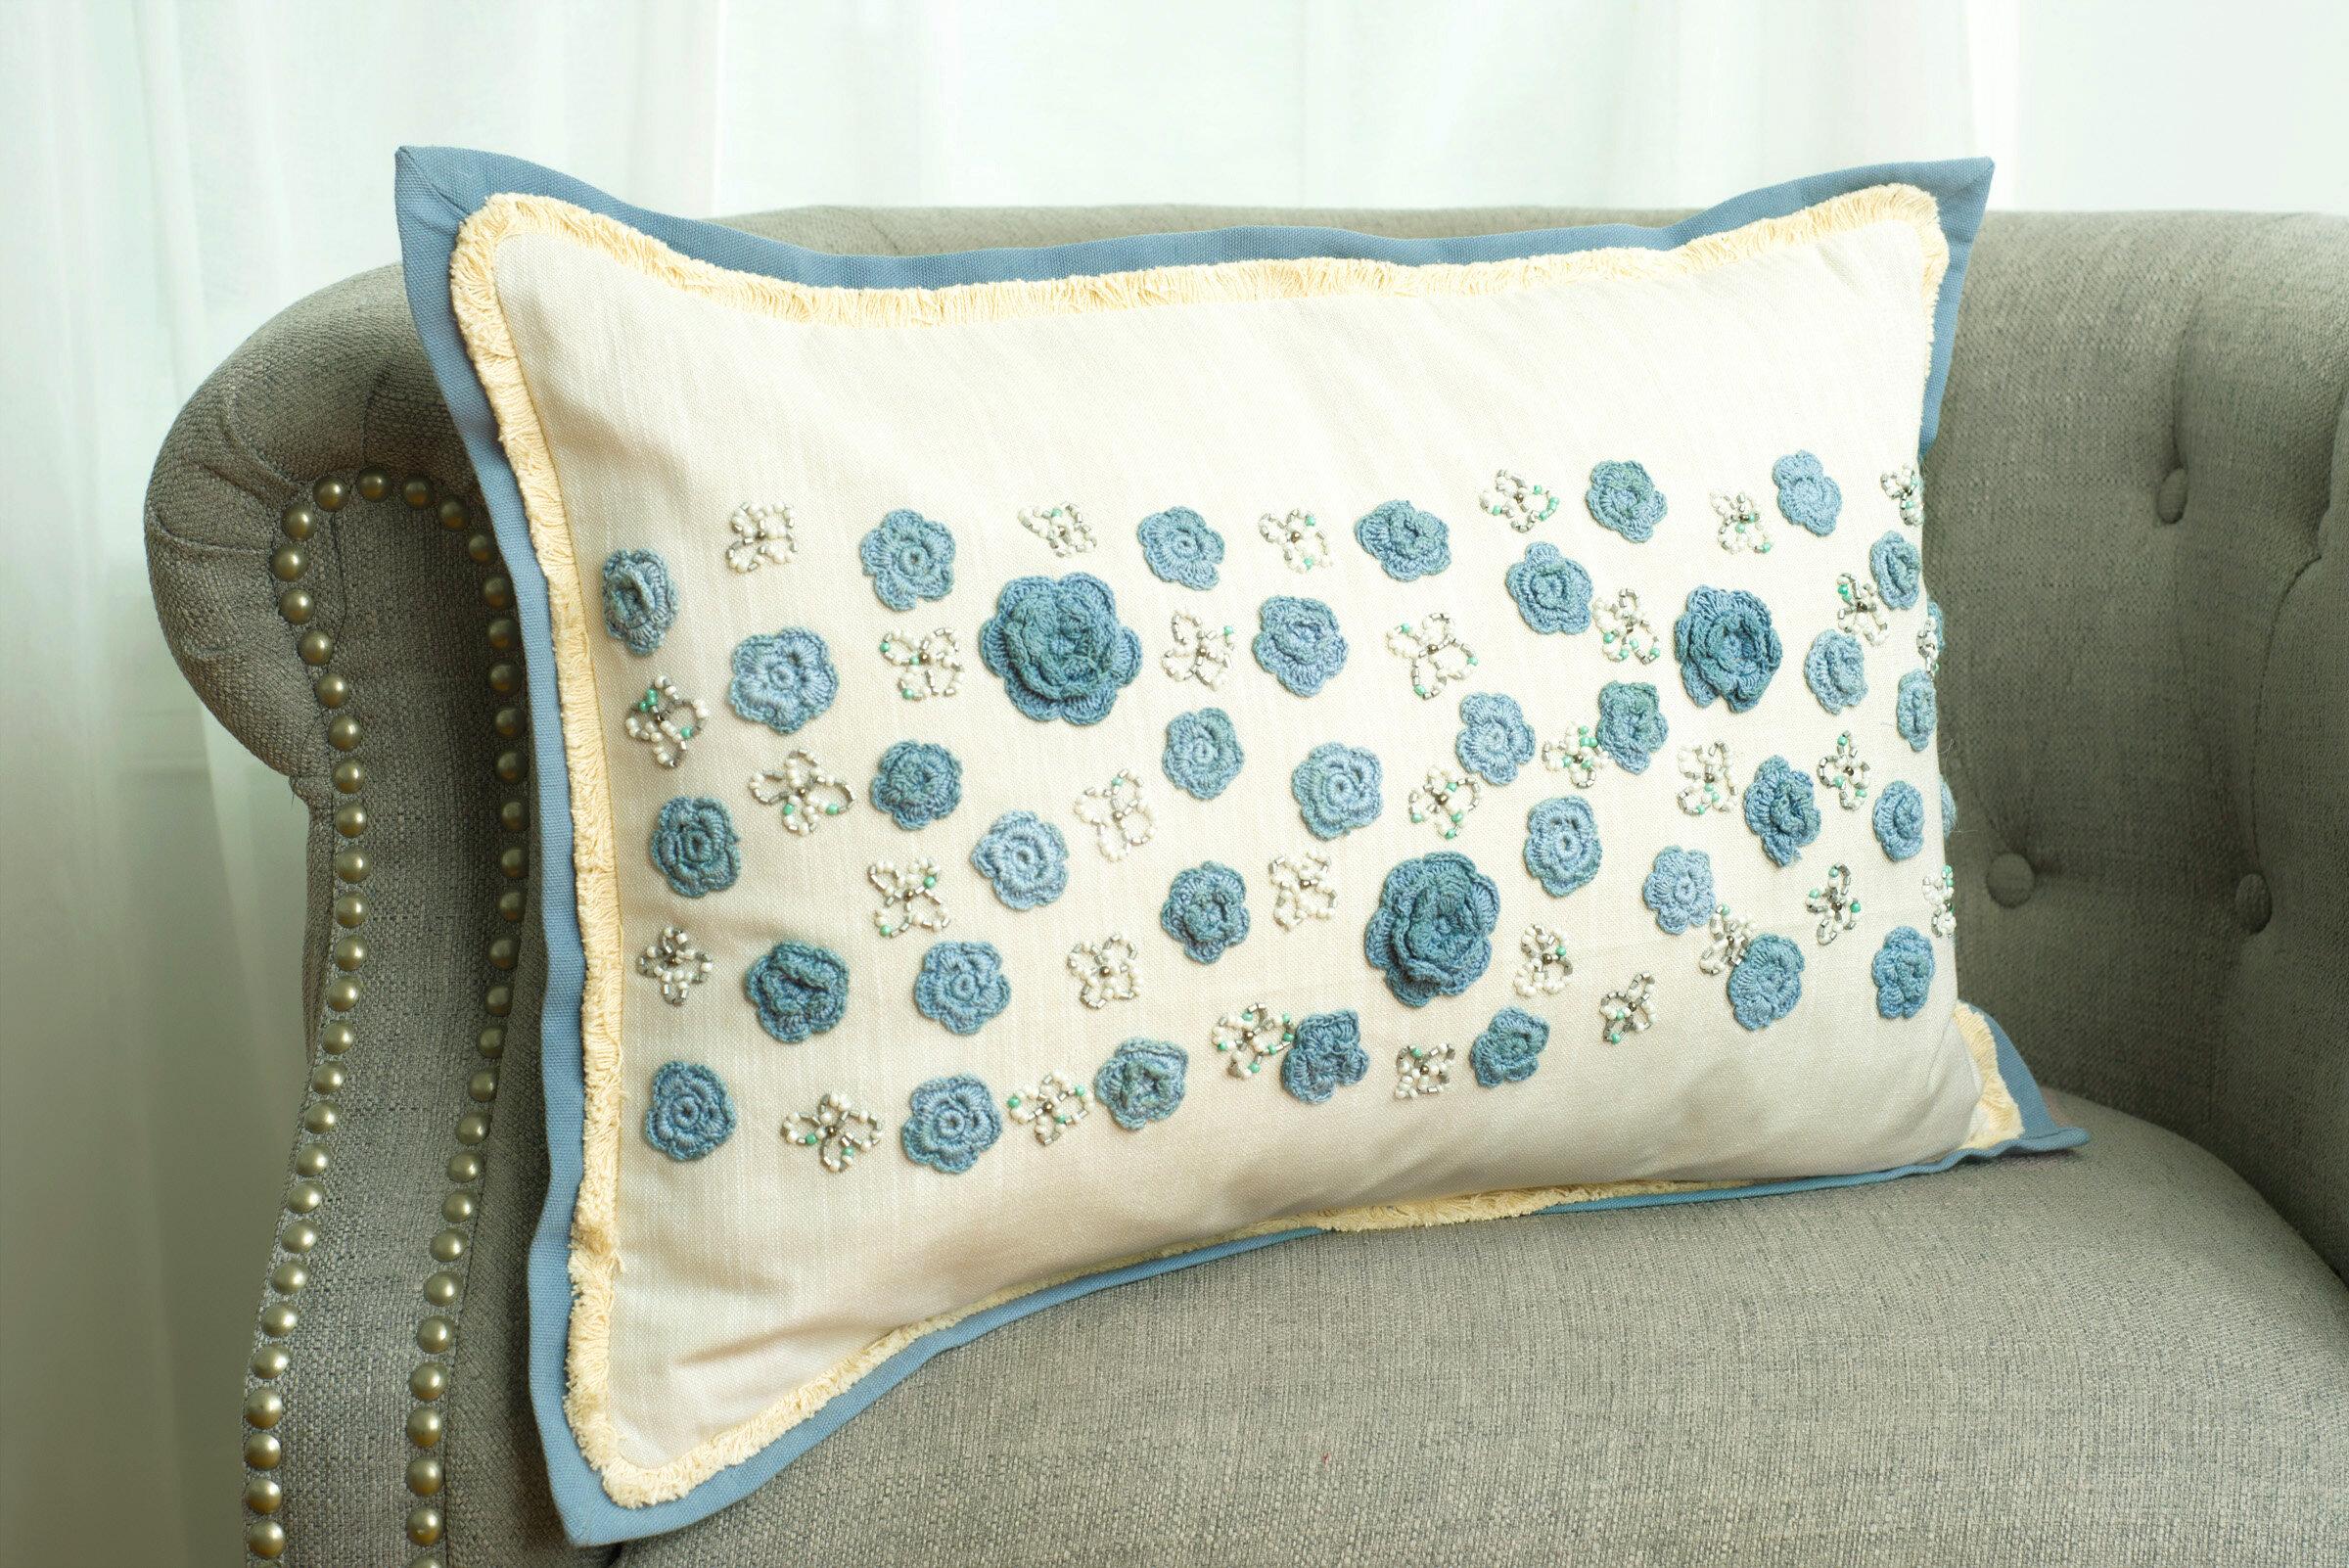 Highland Dunes Calera Floral Decorative Cotton Lumbar Pillow Wayfair